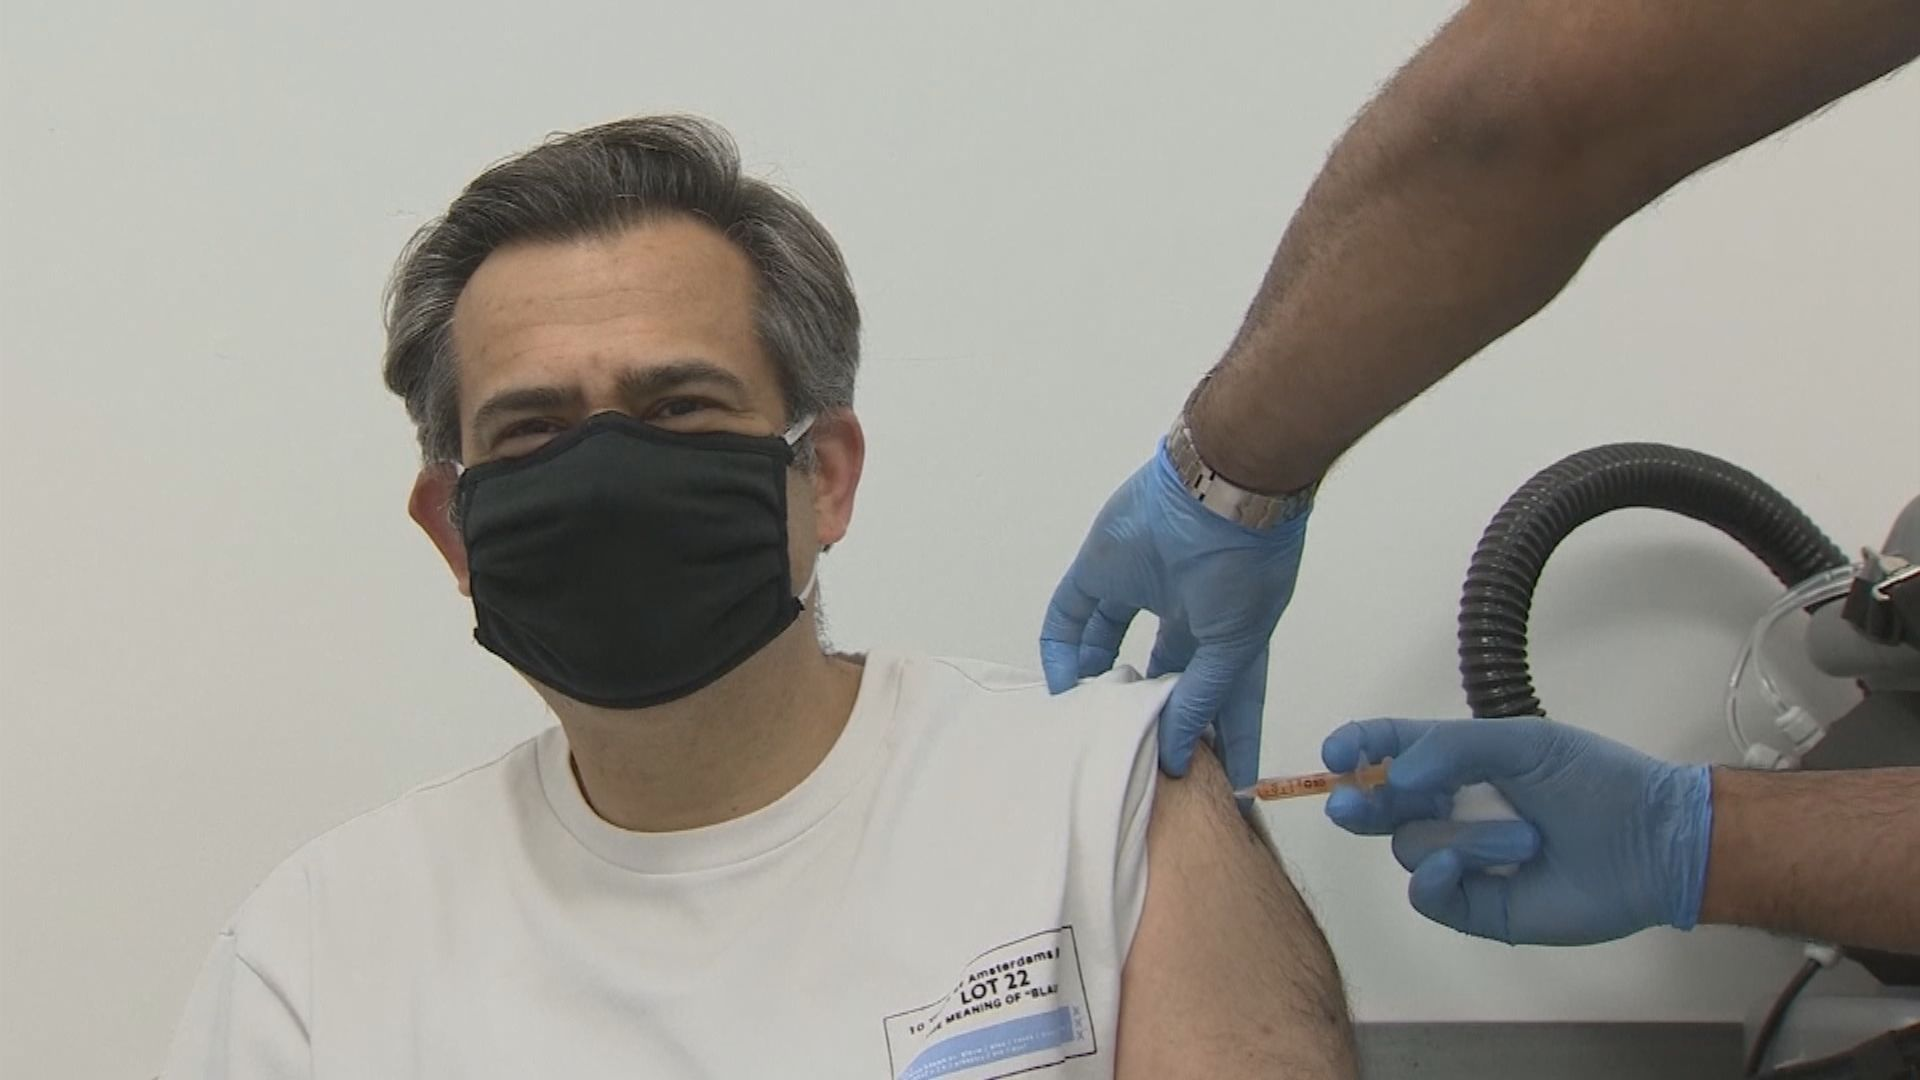 英國衞生大臣:致力七月底前為所有成年人接種新冠疫苗